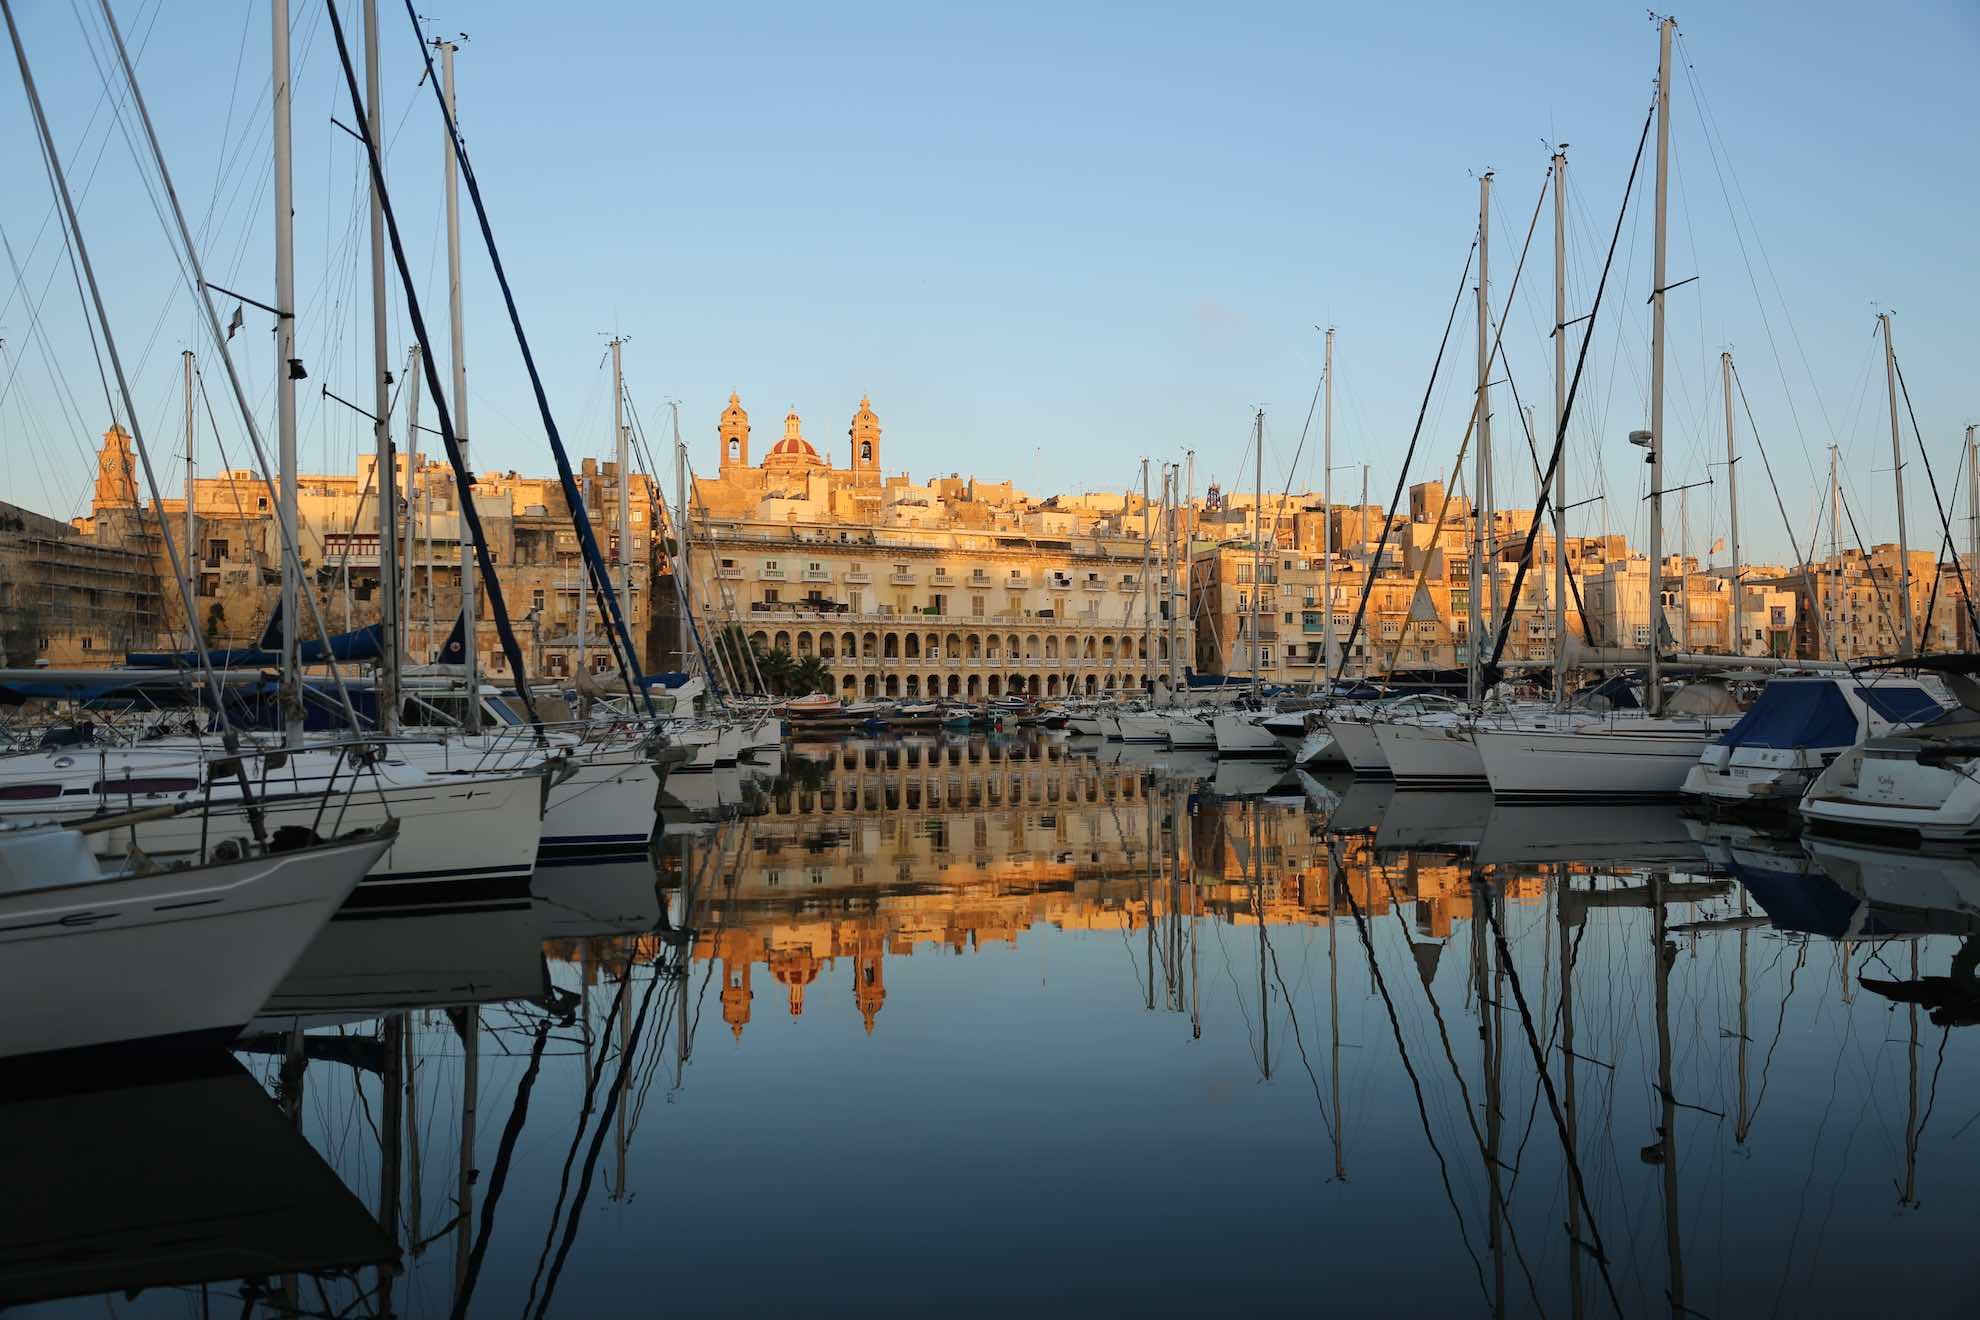 Wir können uns keine passendere Heimat für Malaika vorstellen als das schöne und spannende Malta im Zentrum des Mittelmeers.